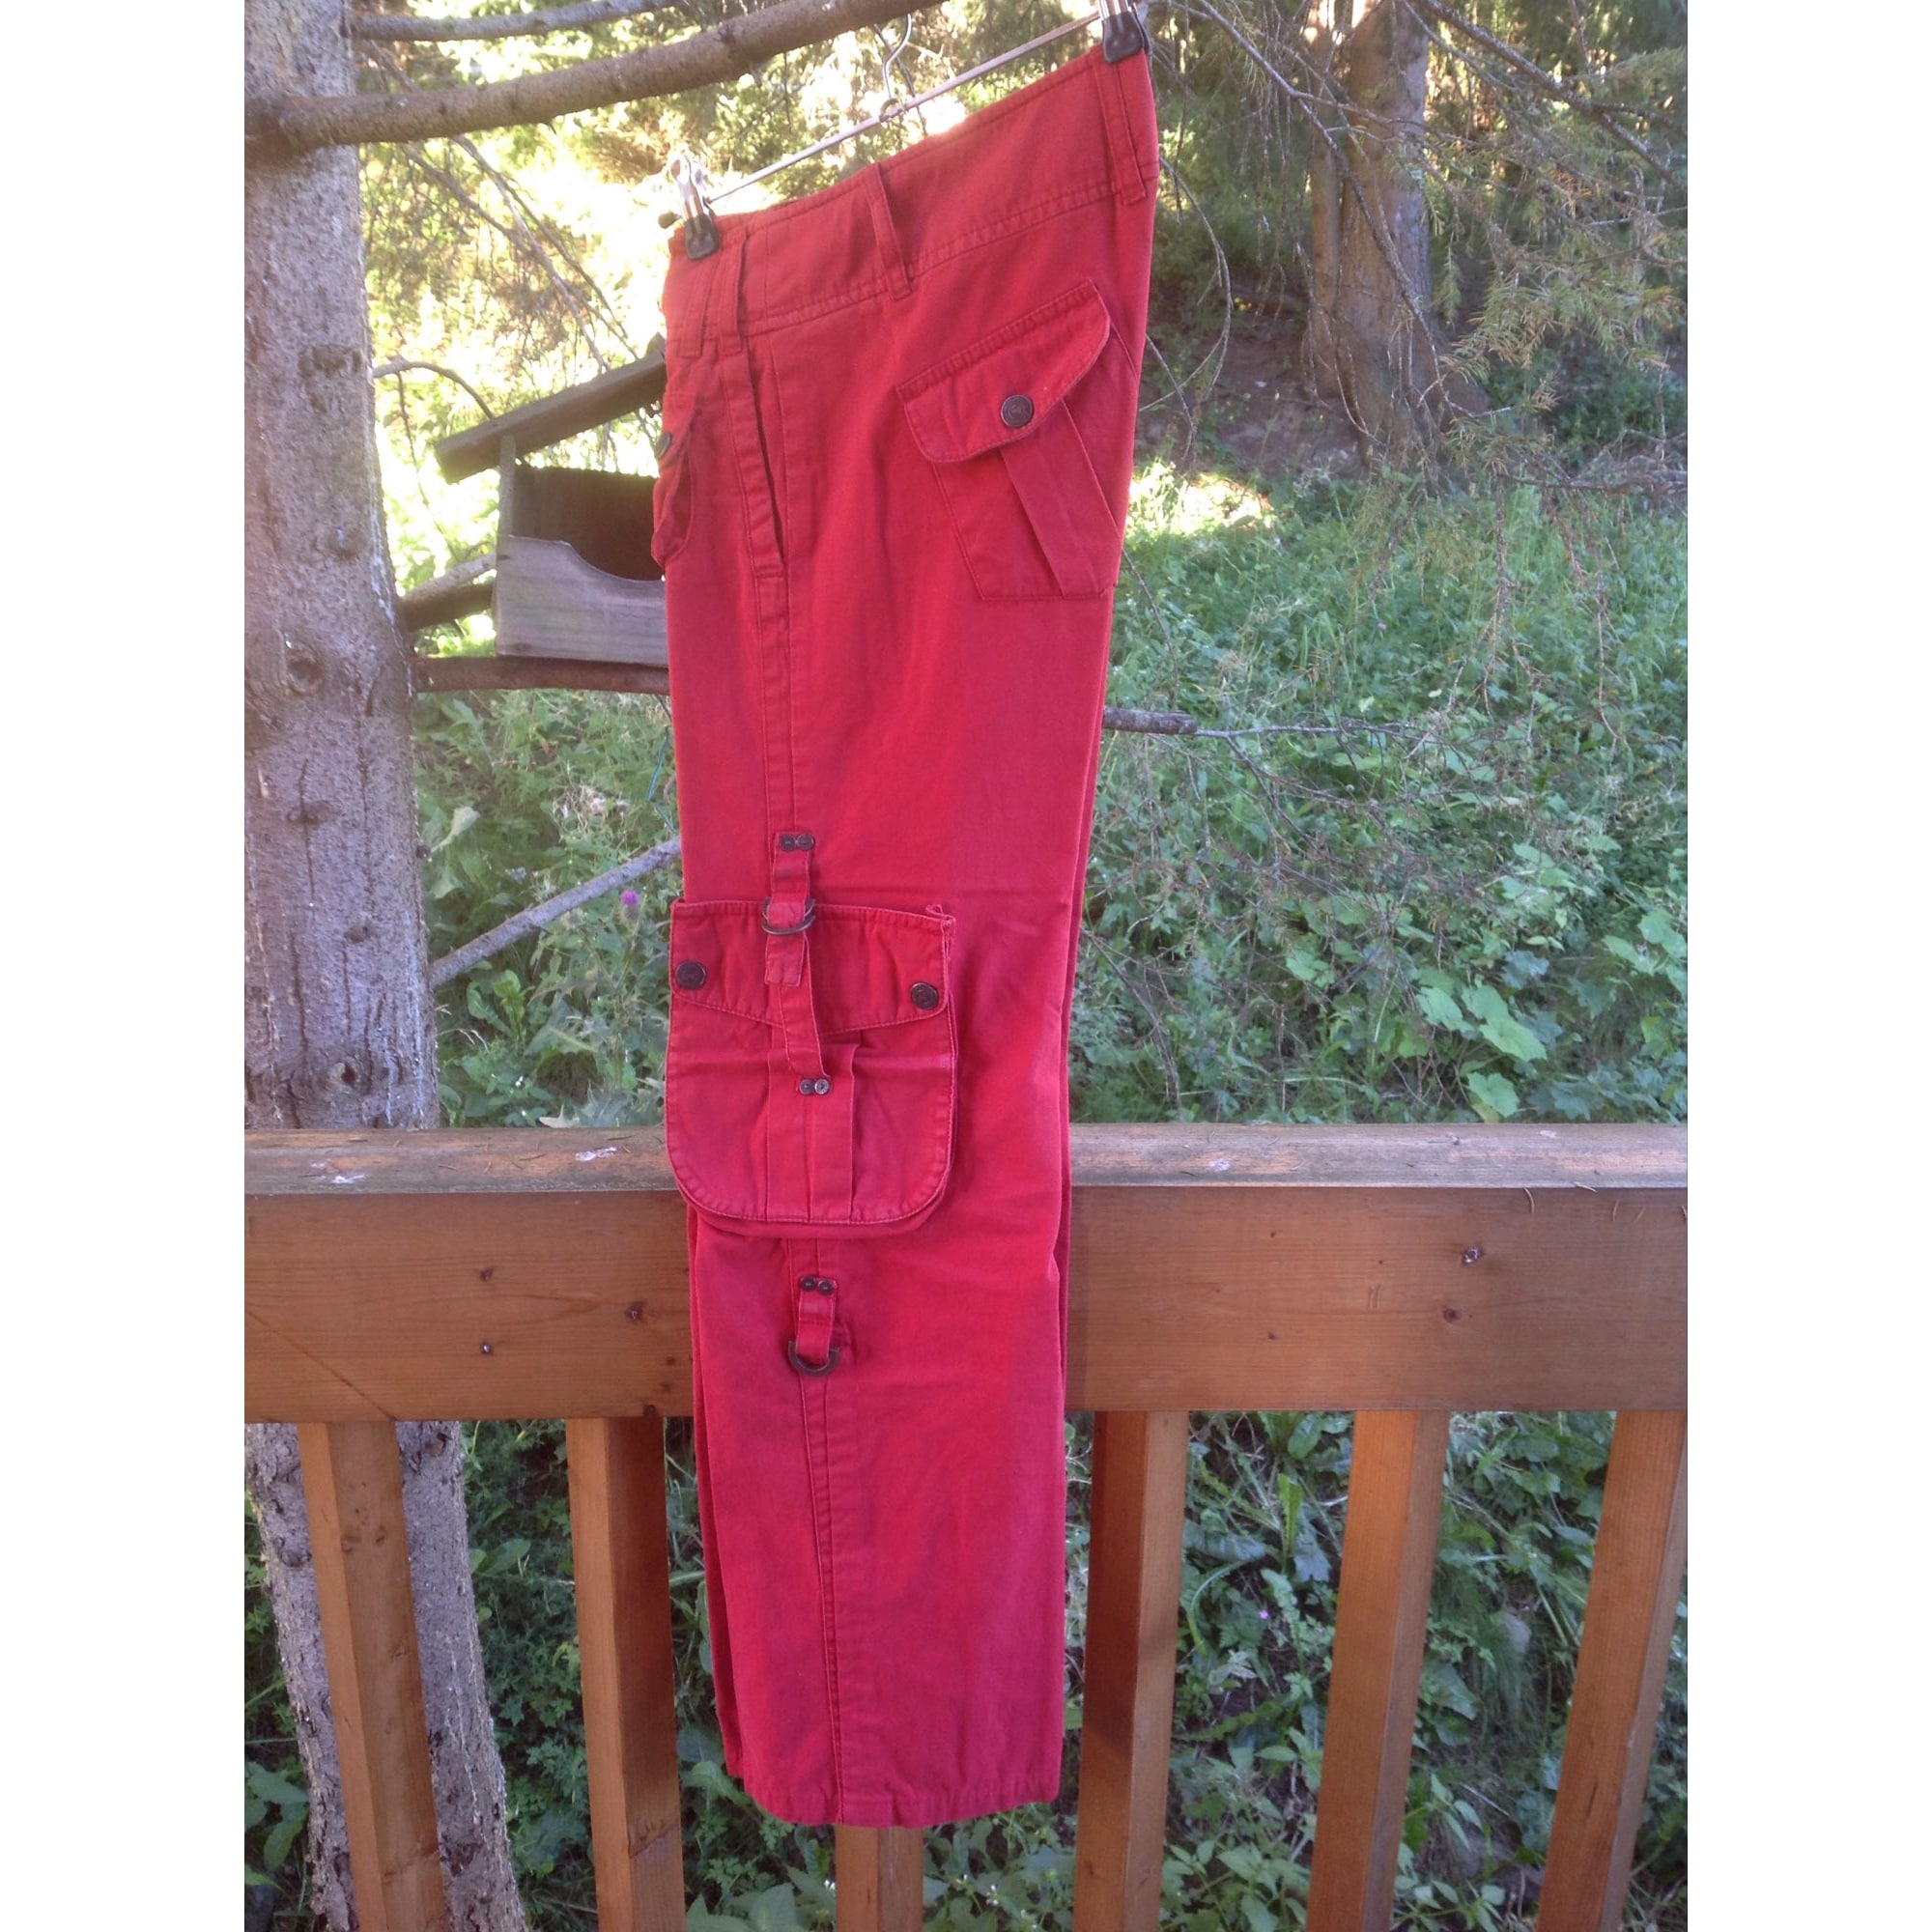 Pantalon droit FREEMAN T PORTER Rouge, bordeaux